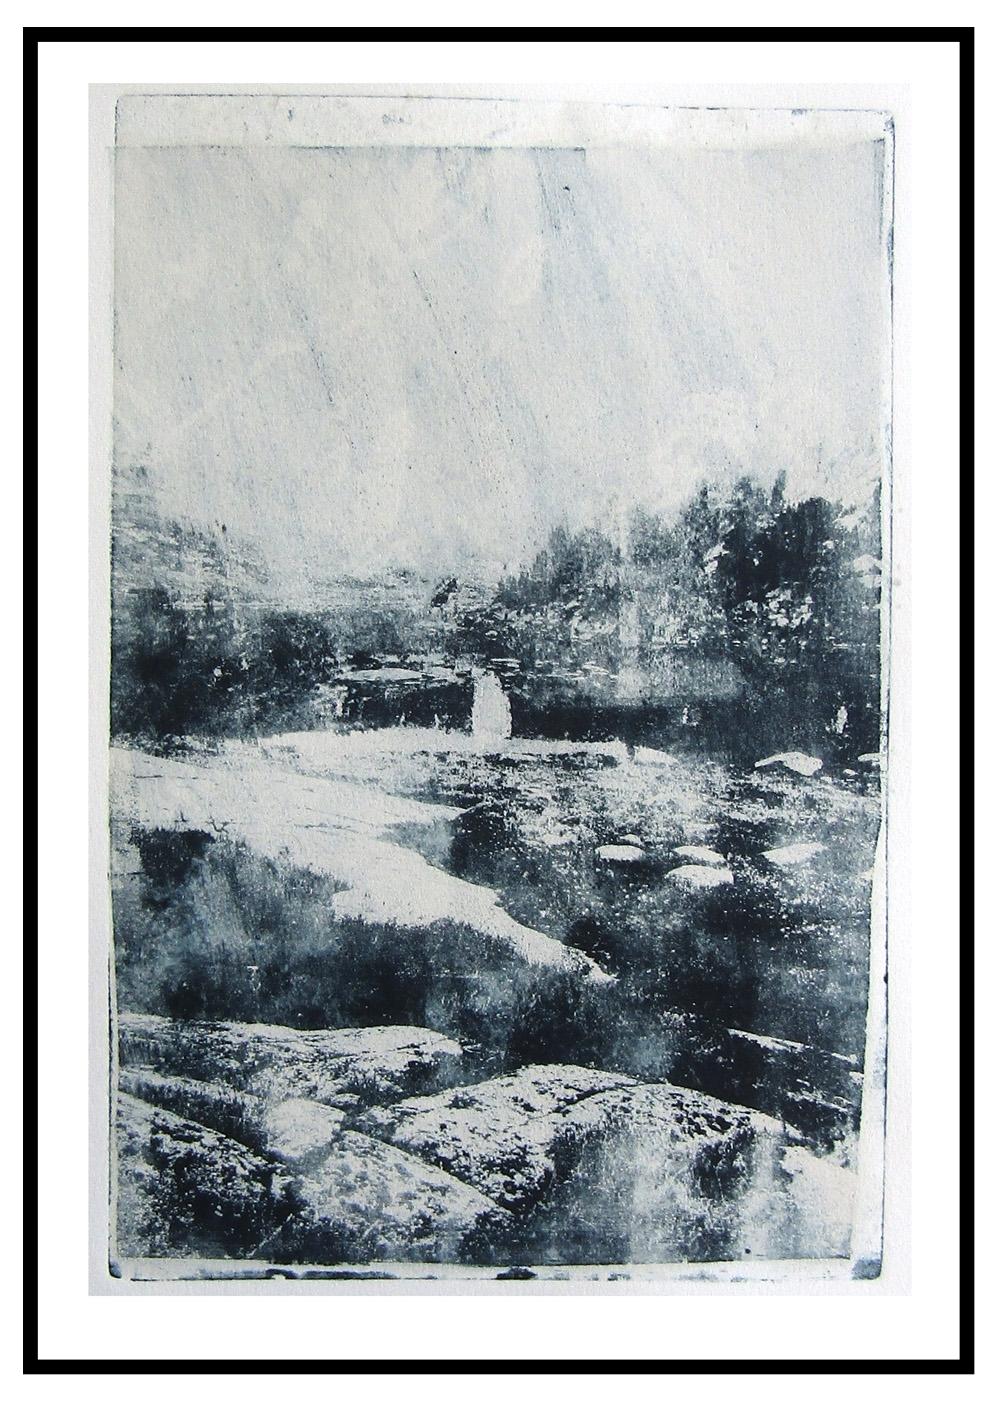 - Landscape / Cityscape Prints